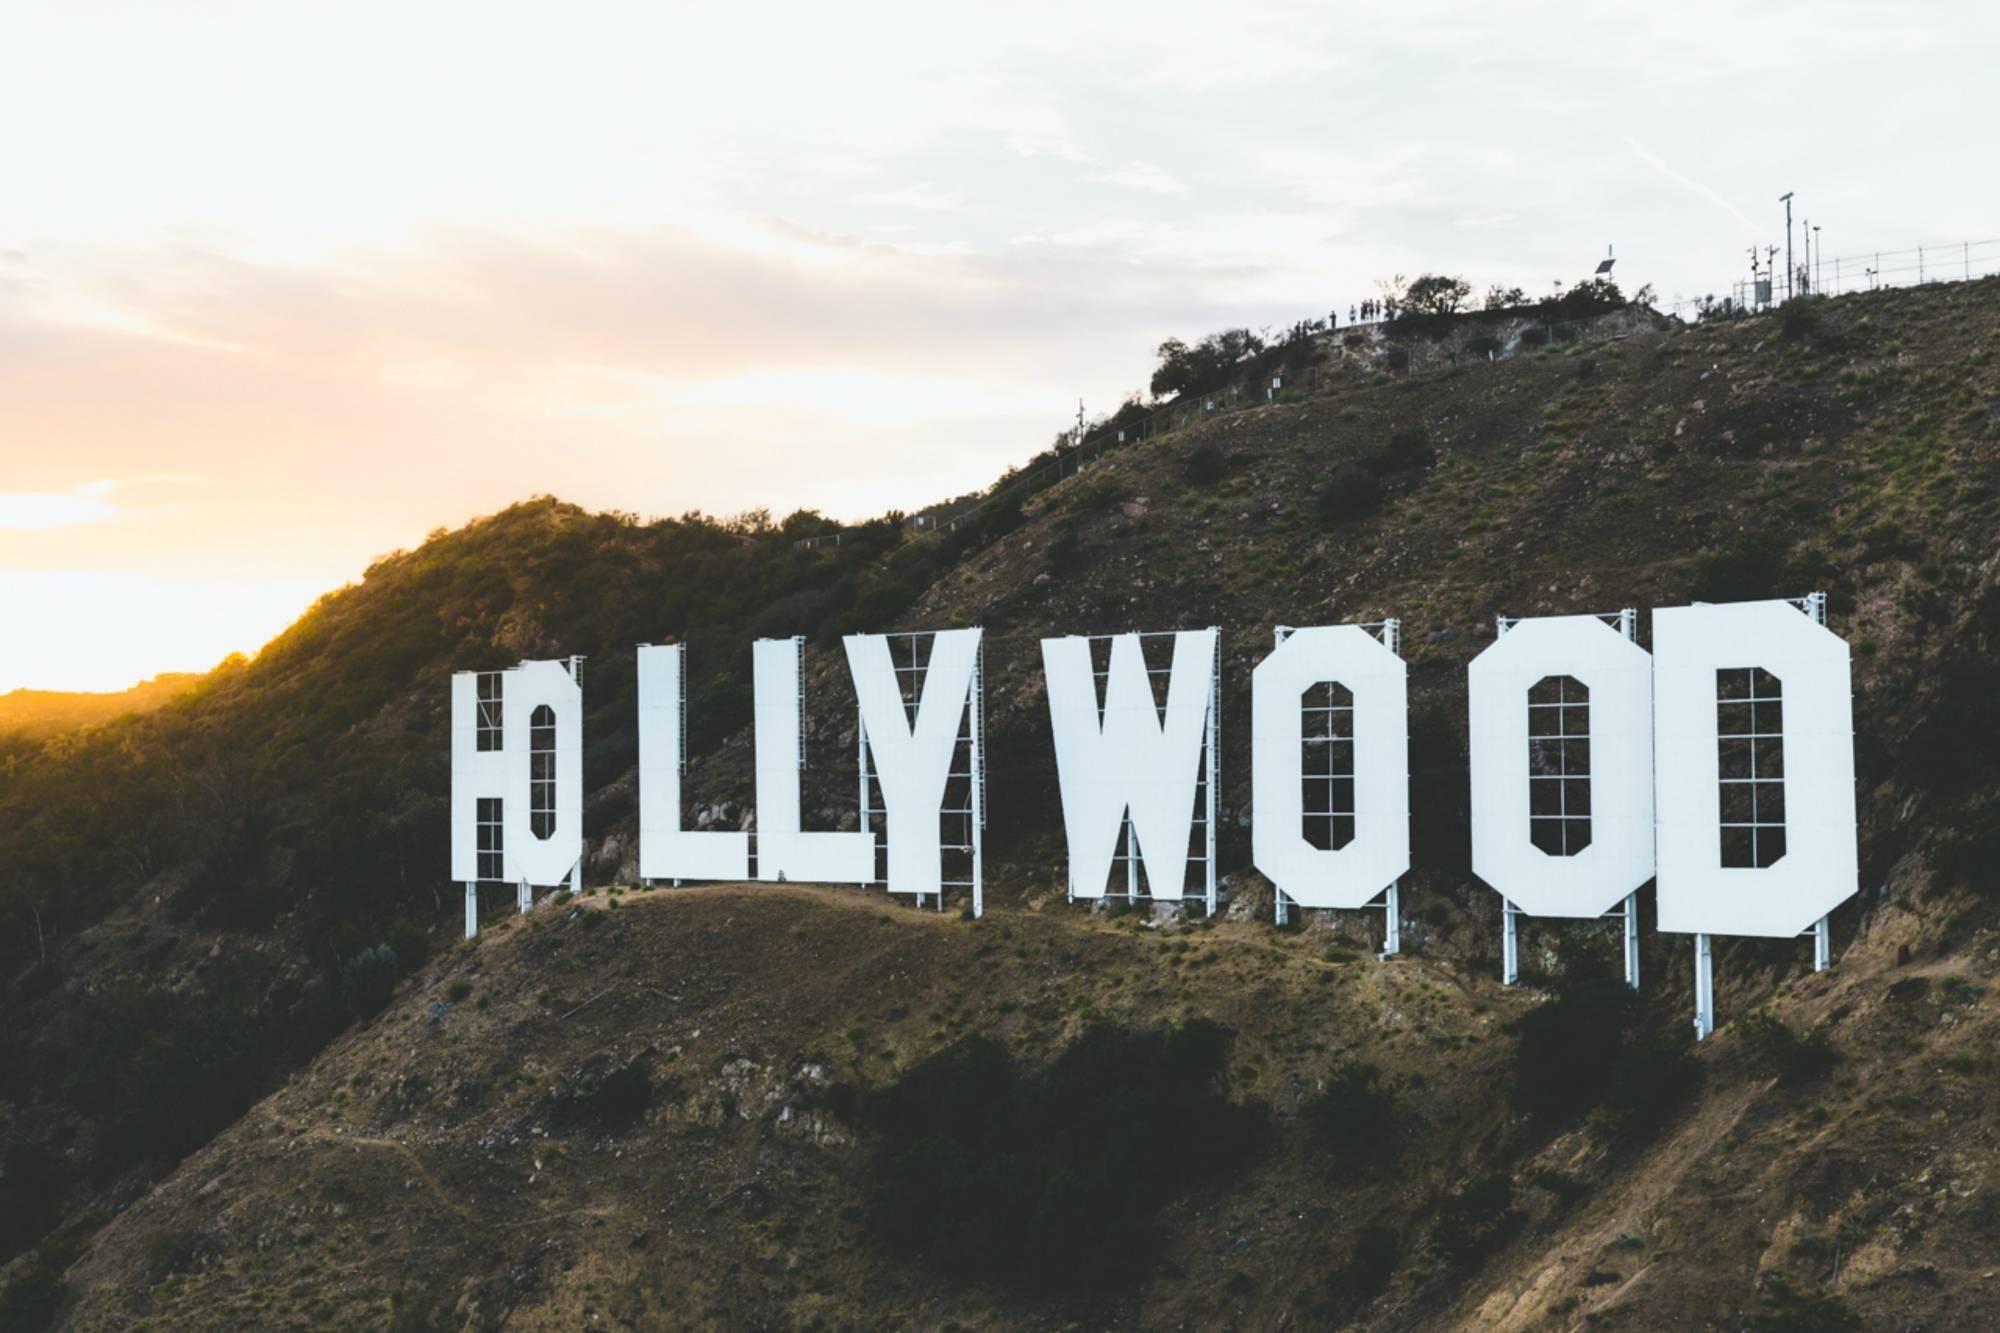 Hollywood sign, photo by Ahmet Yalçınkaya via Unsplash